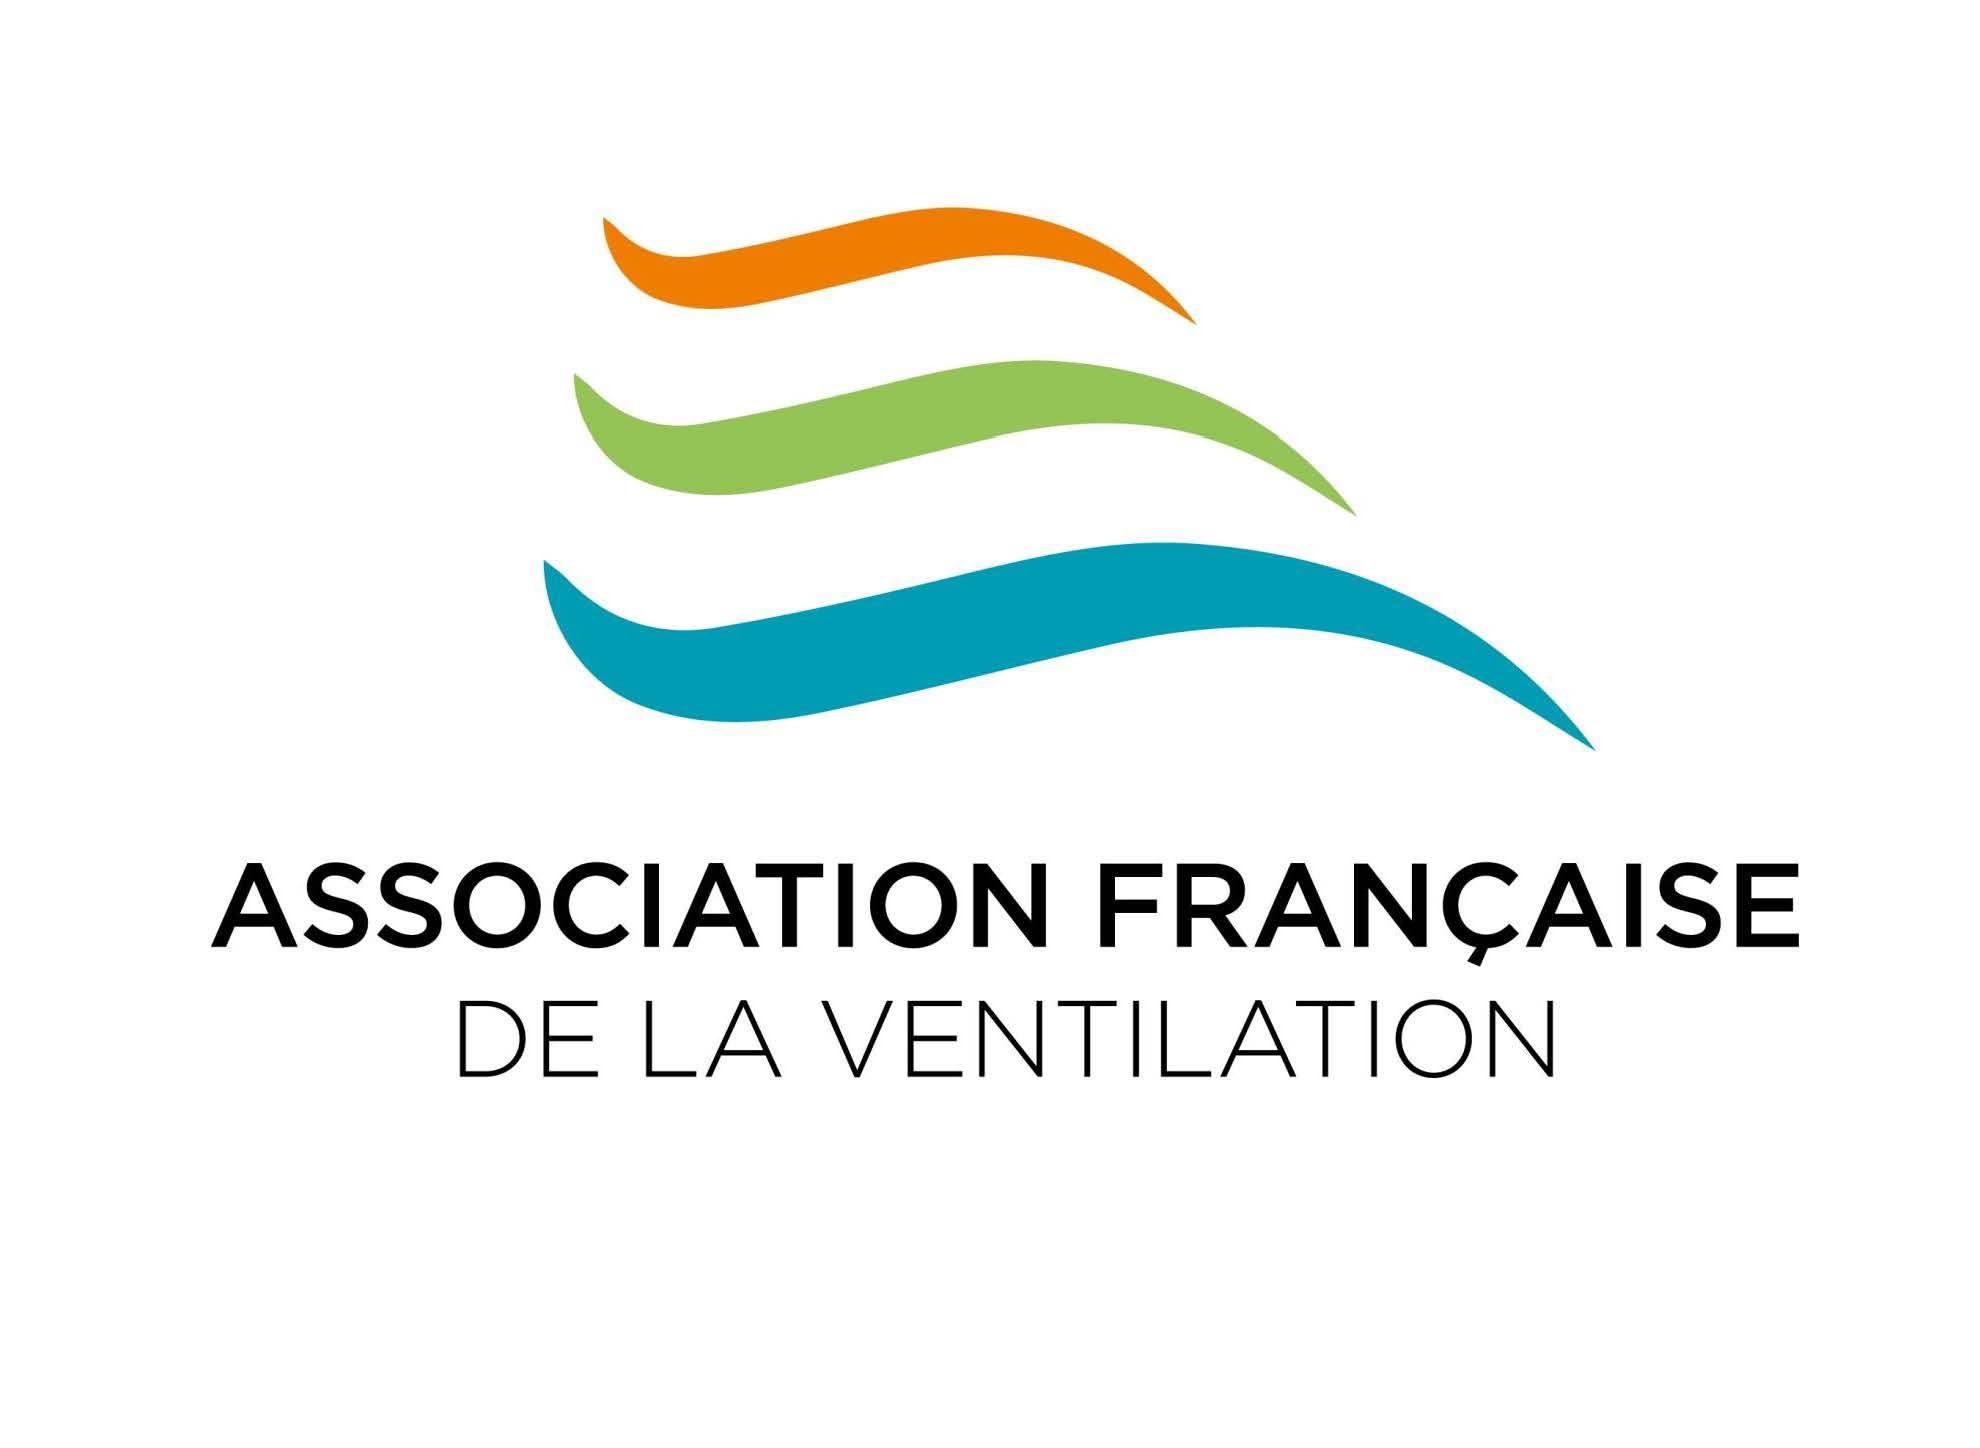 L'AFPAC adresse ses félicitations et voeux de réussite à l'Association française de la ventilation